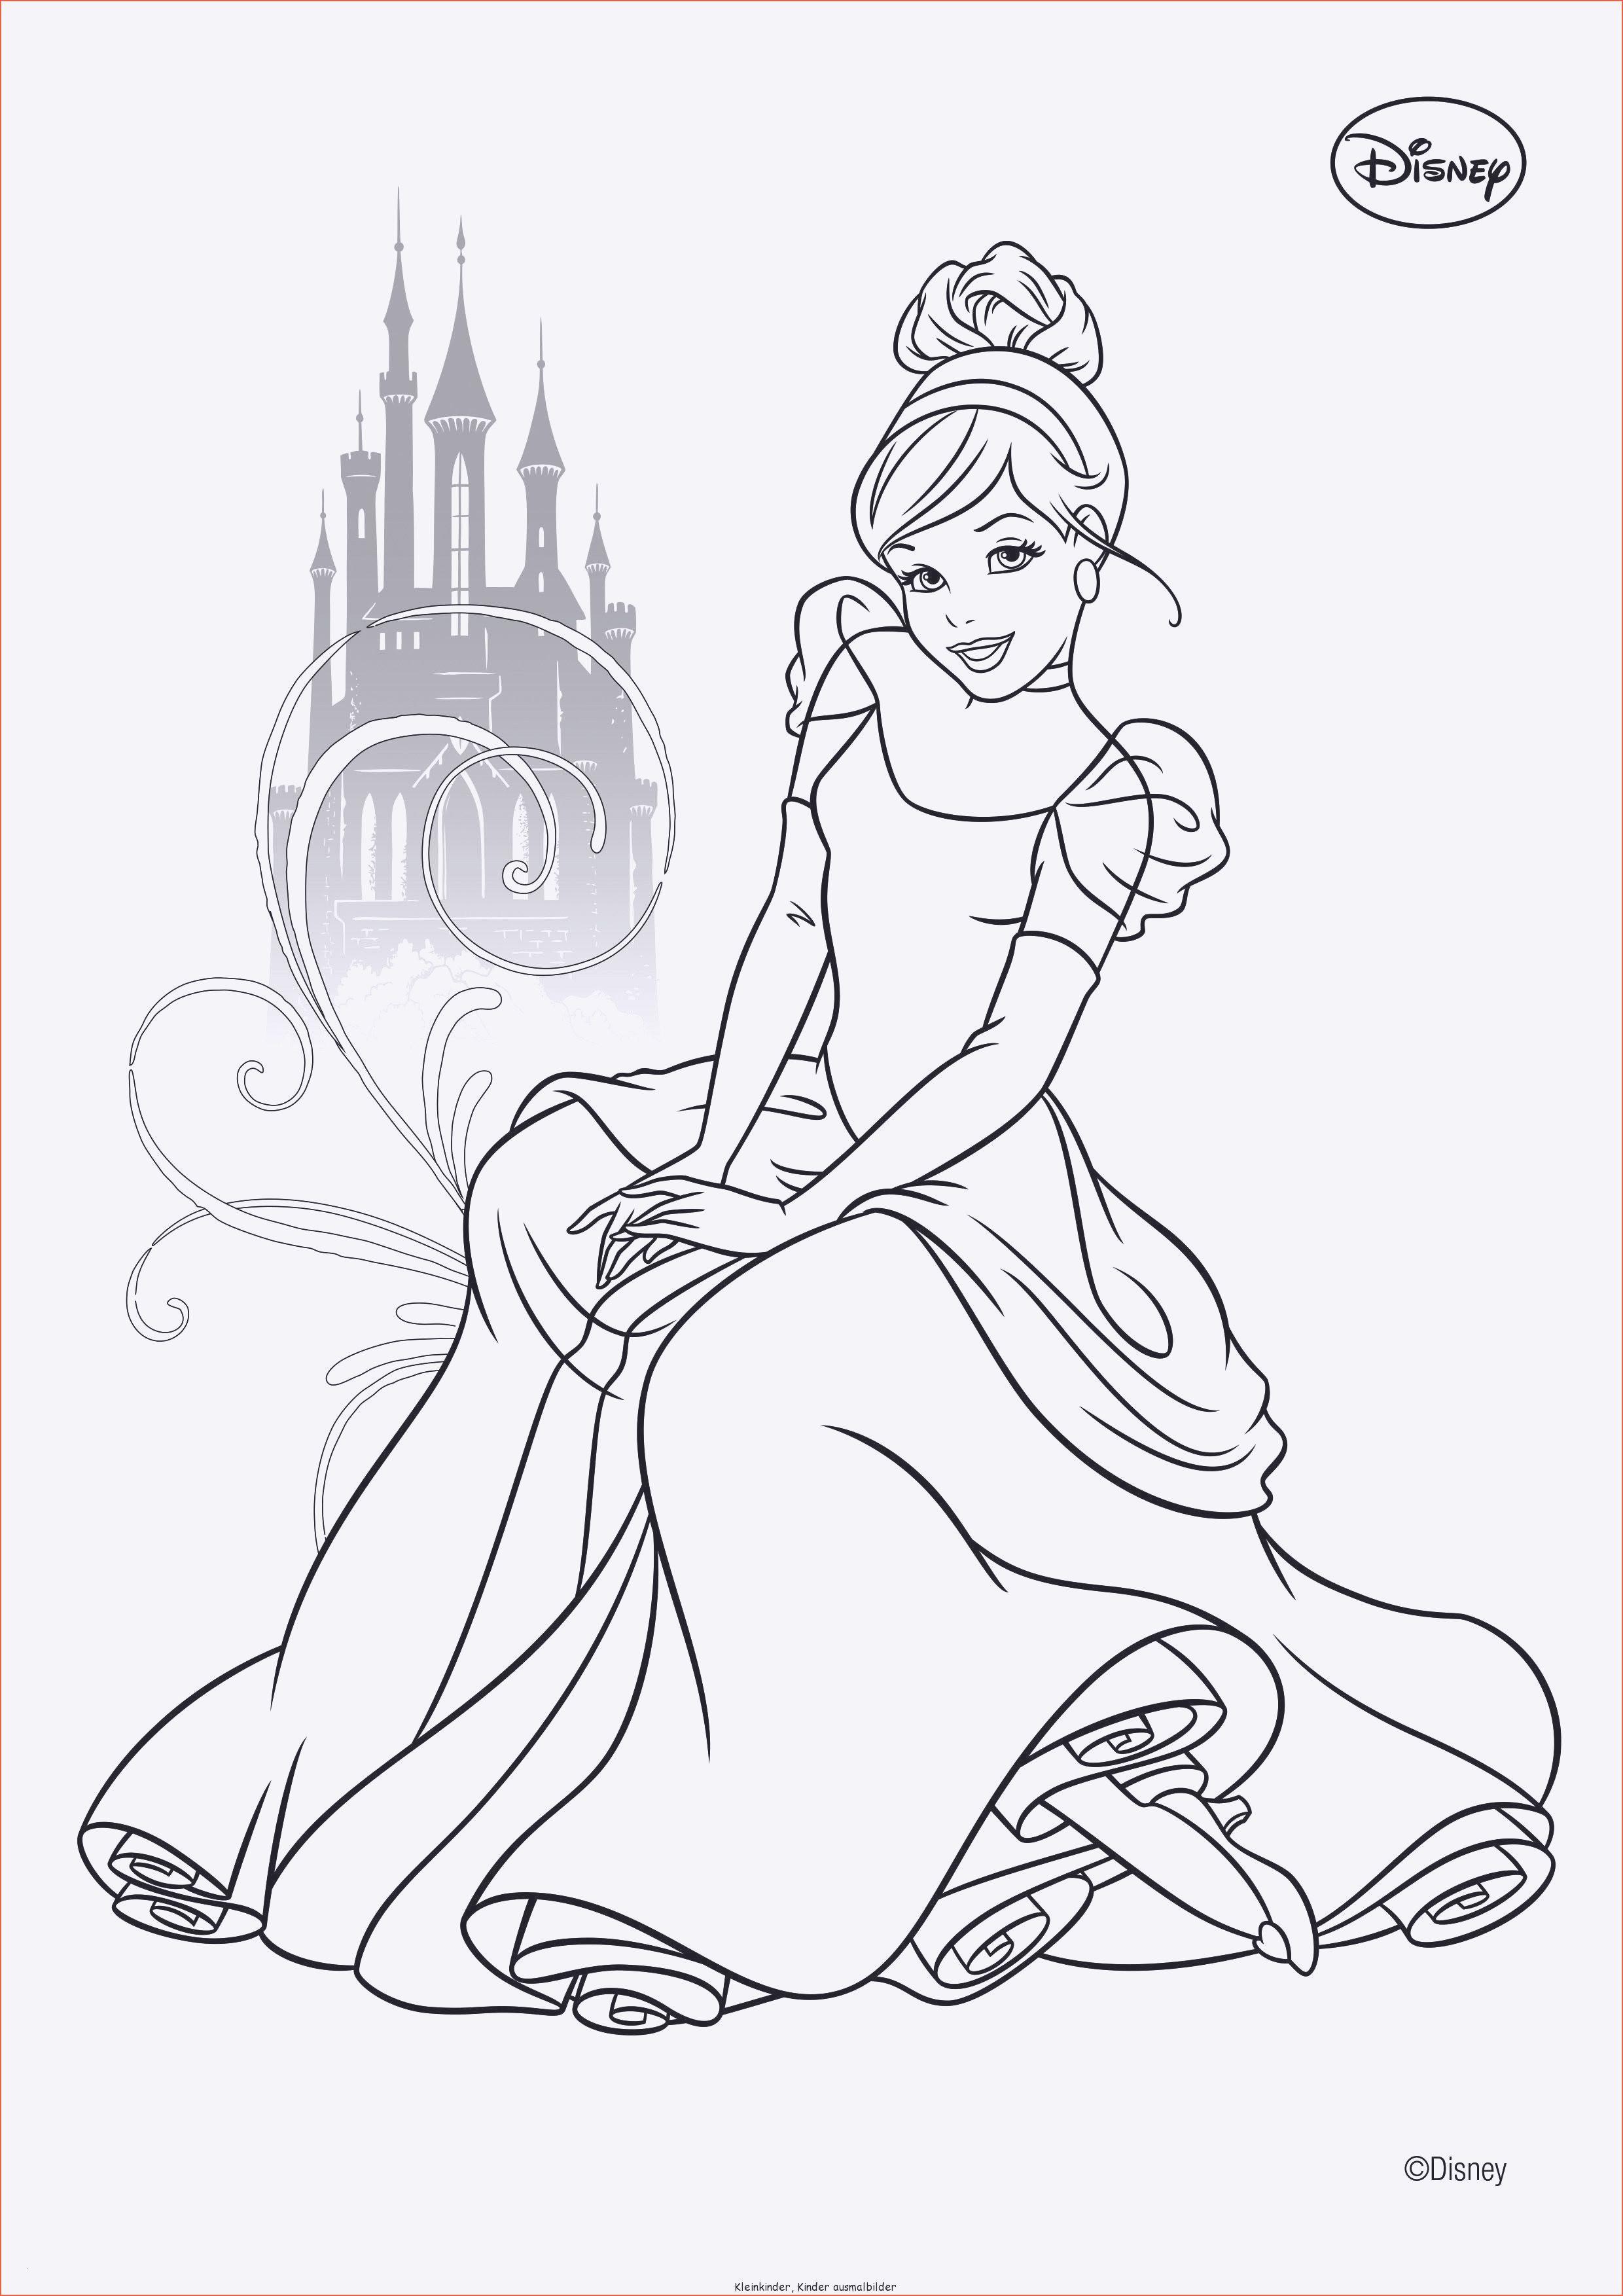 Ausmalbilder Weihnachten Disney Einzigartig Malvorlagen Gratis Prinzessin Disney Best Weihnachten Disney Das Bild